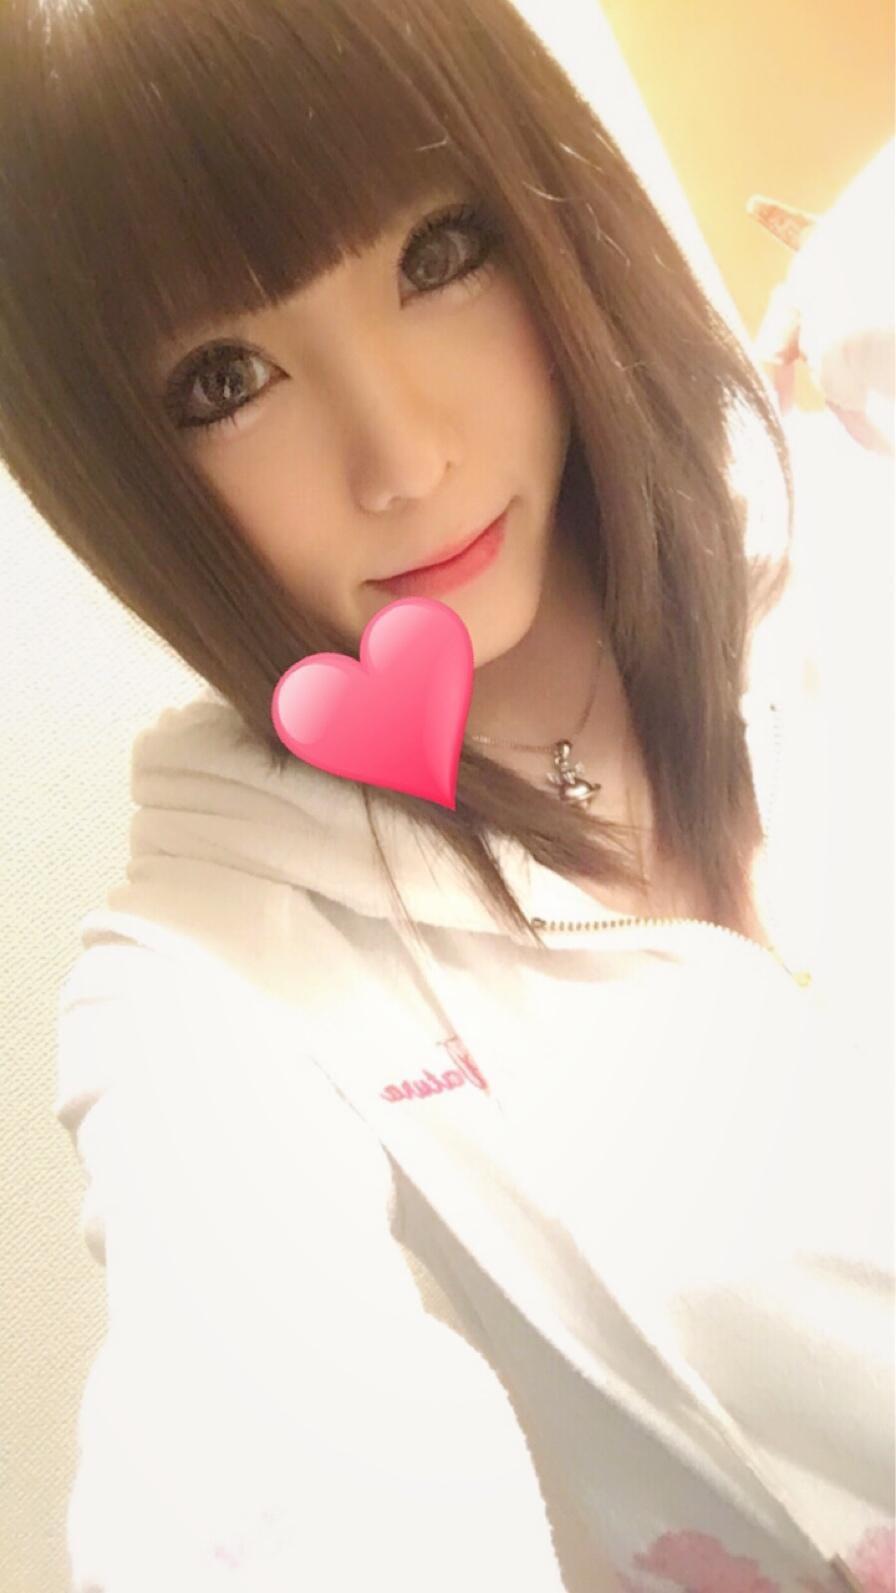 「おはようございます☆」11/12(11/12) 14:55 | ありす.の写メ・風俗動画